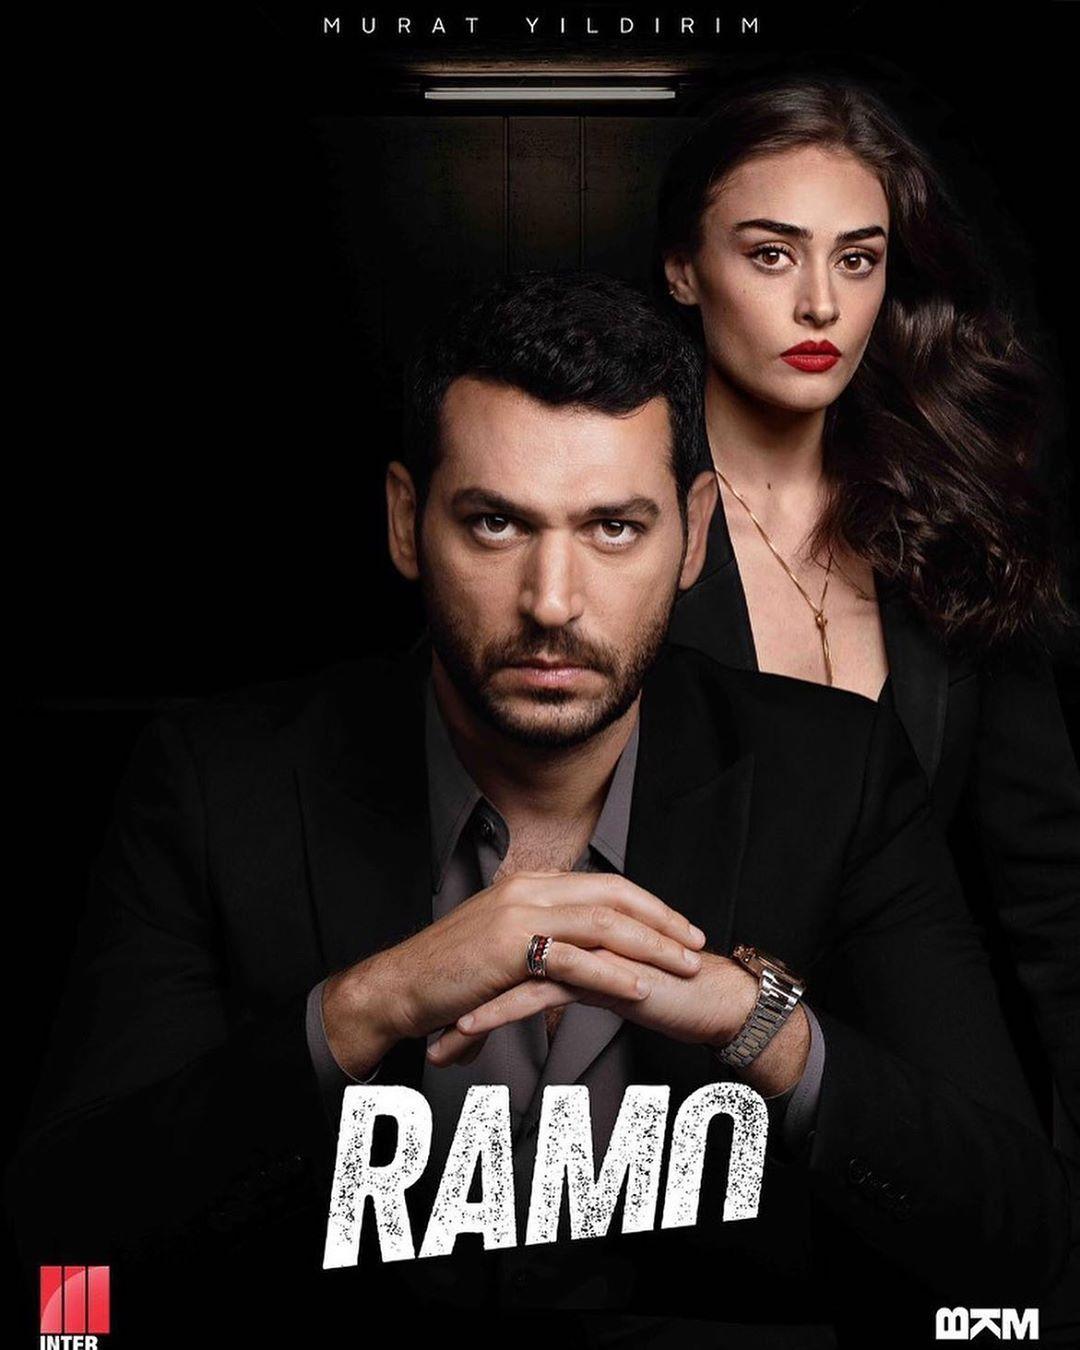 مشاهدة مسلسل رامو الحلقة 1 الاولي مترجمة اون لاين HD المسلسل سيركز على الخلاف بين العائلتين والحب الكبير الذي سيزدهر بين هذا الصراع.